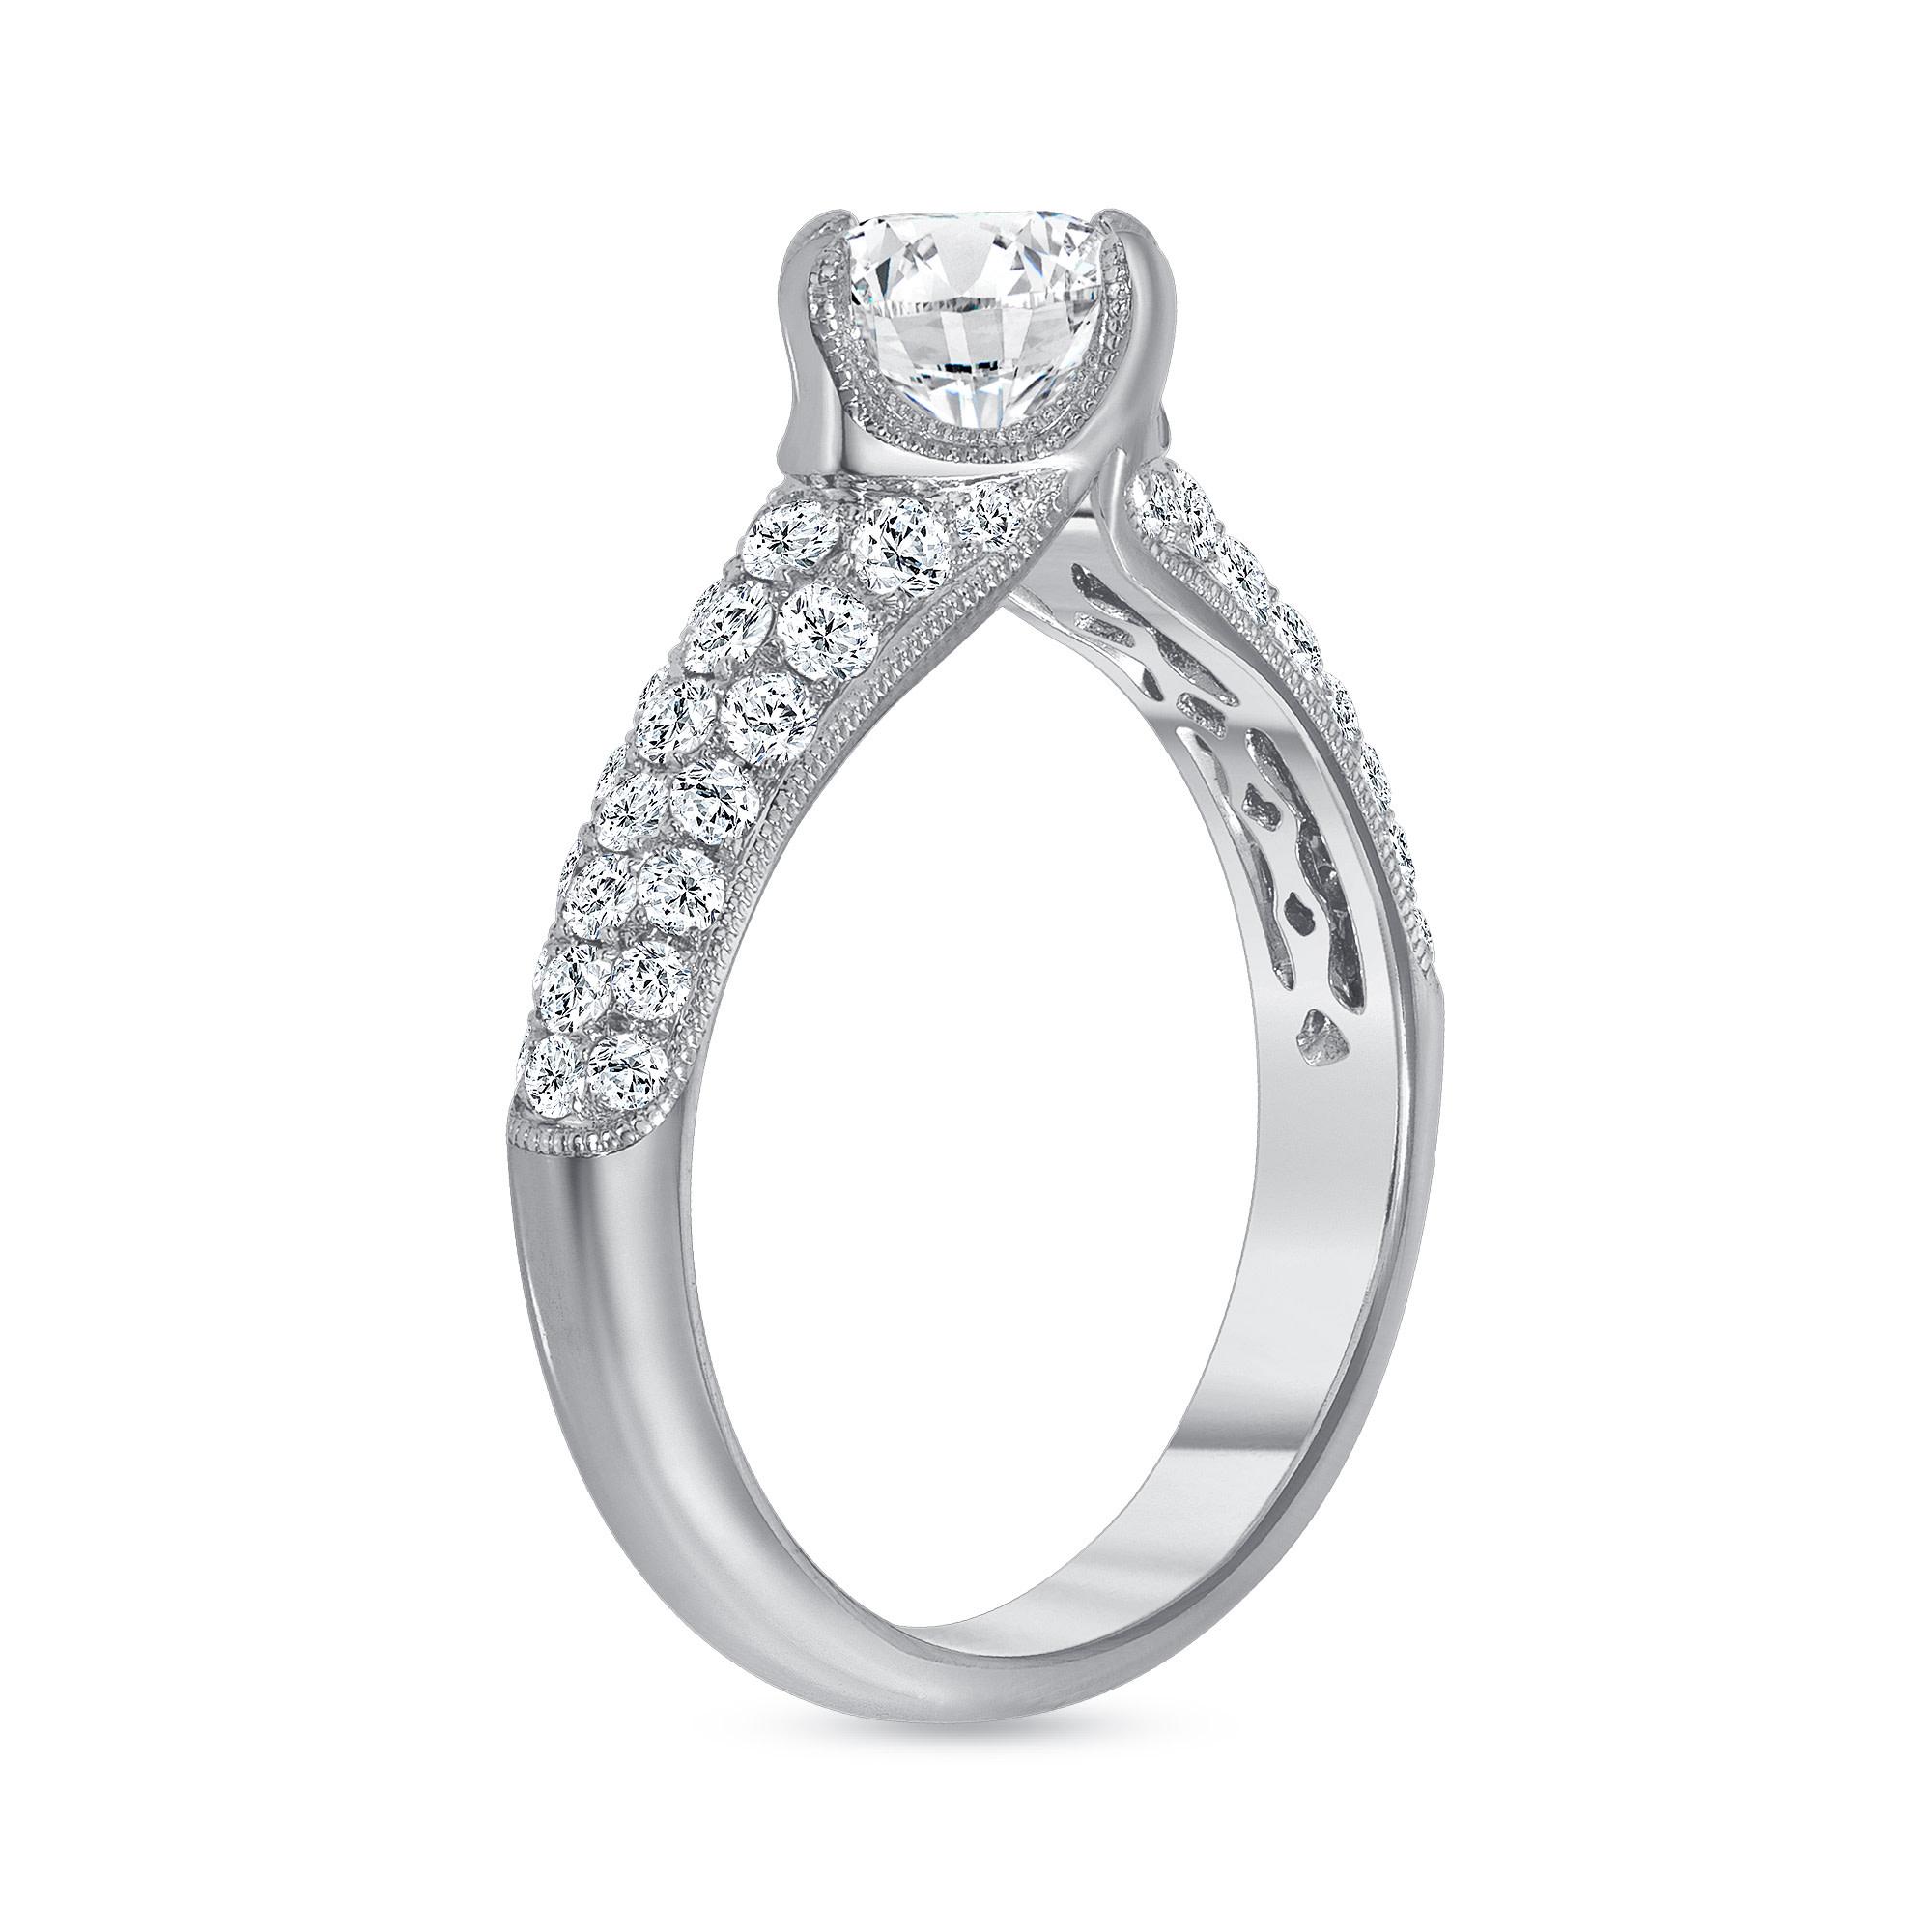 1.65 carat diamond ring white gold